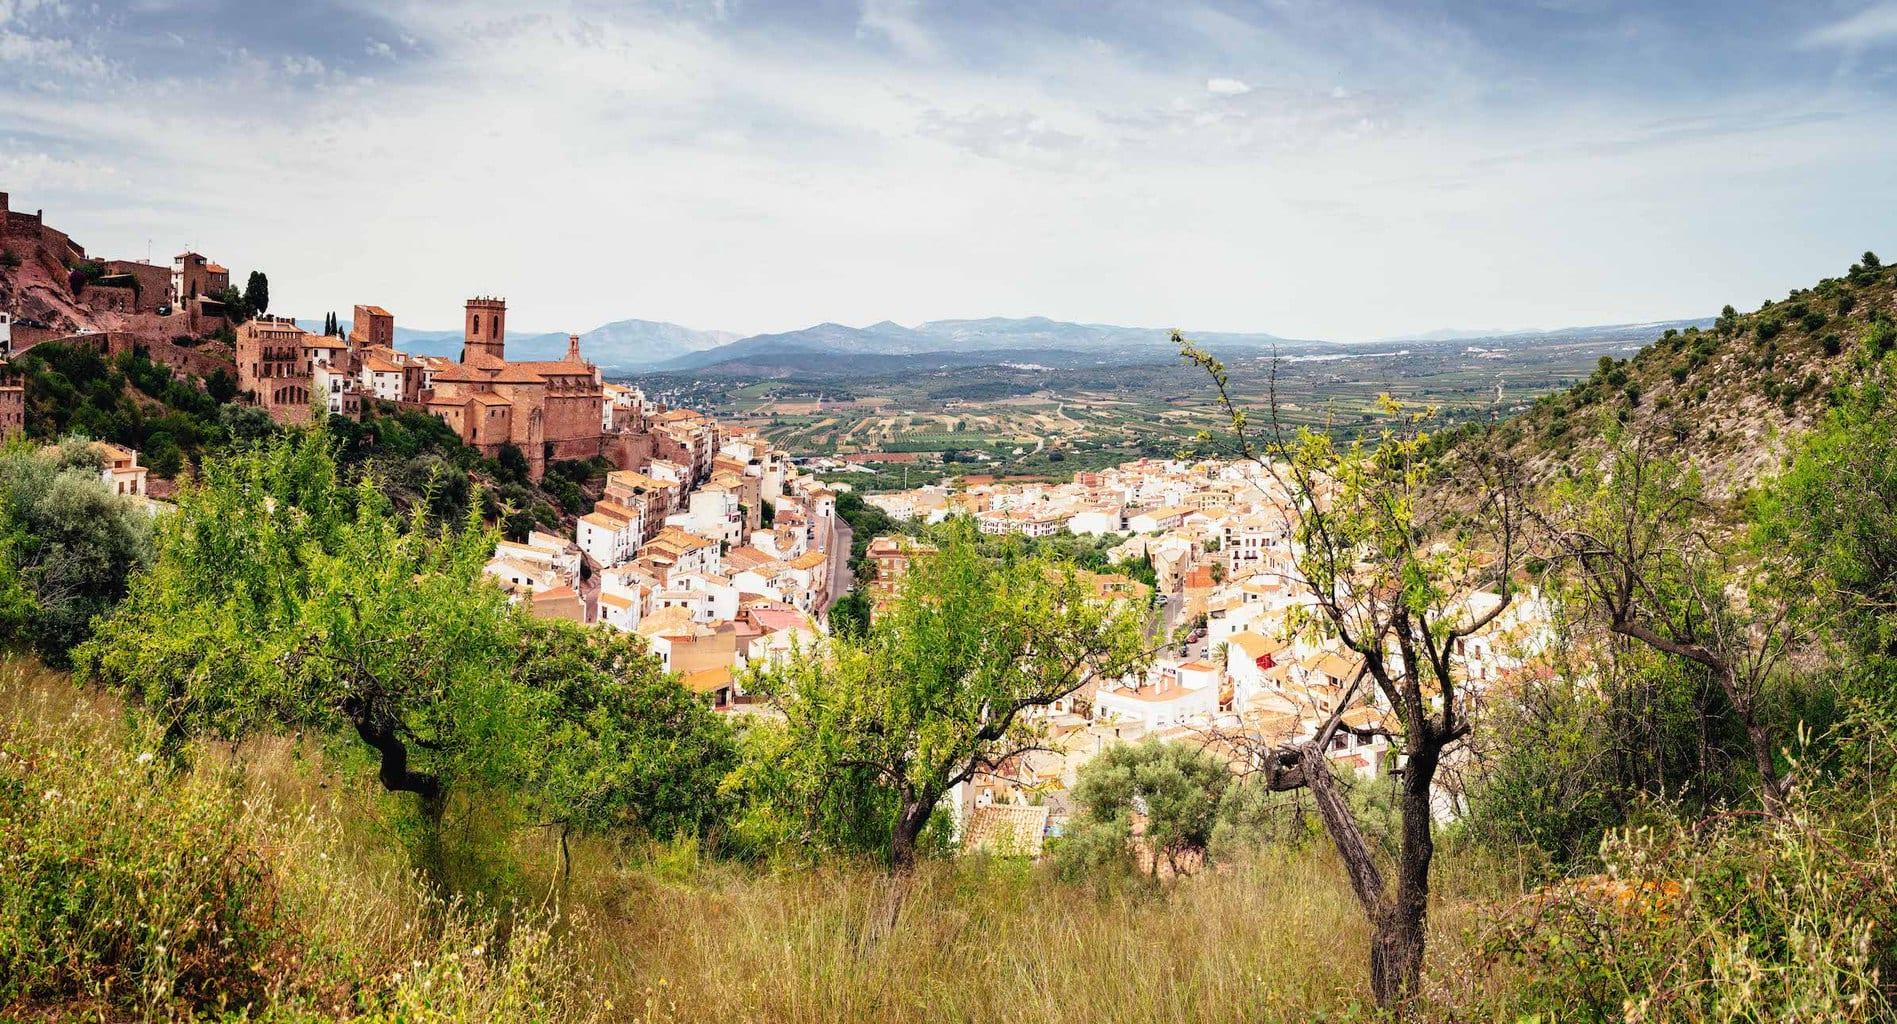 Vista panorámica de pueblo con castillo montada y editada en Lightroom